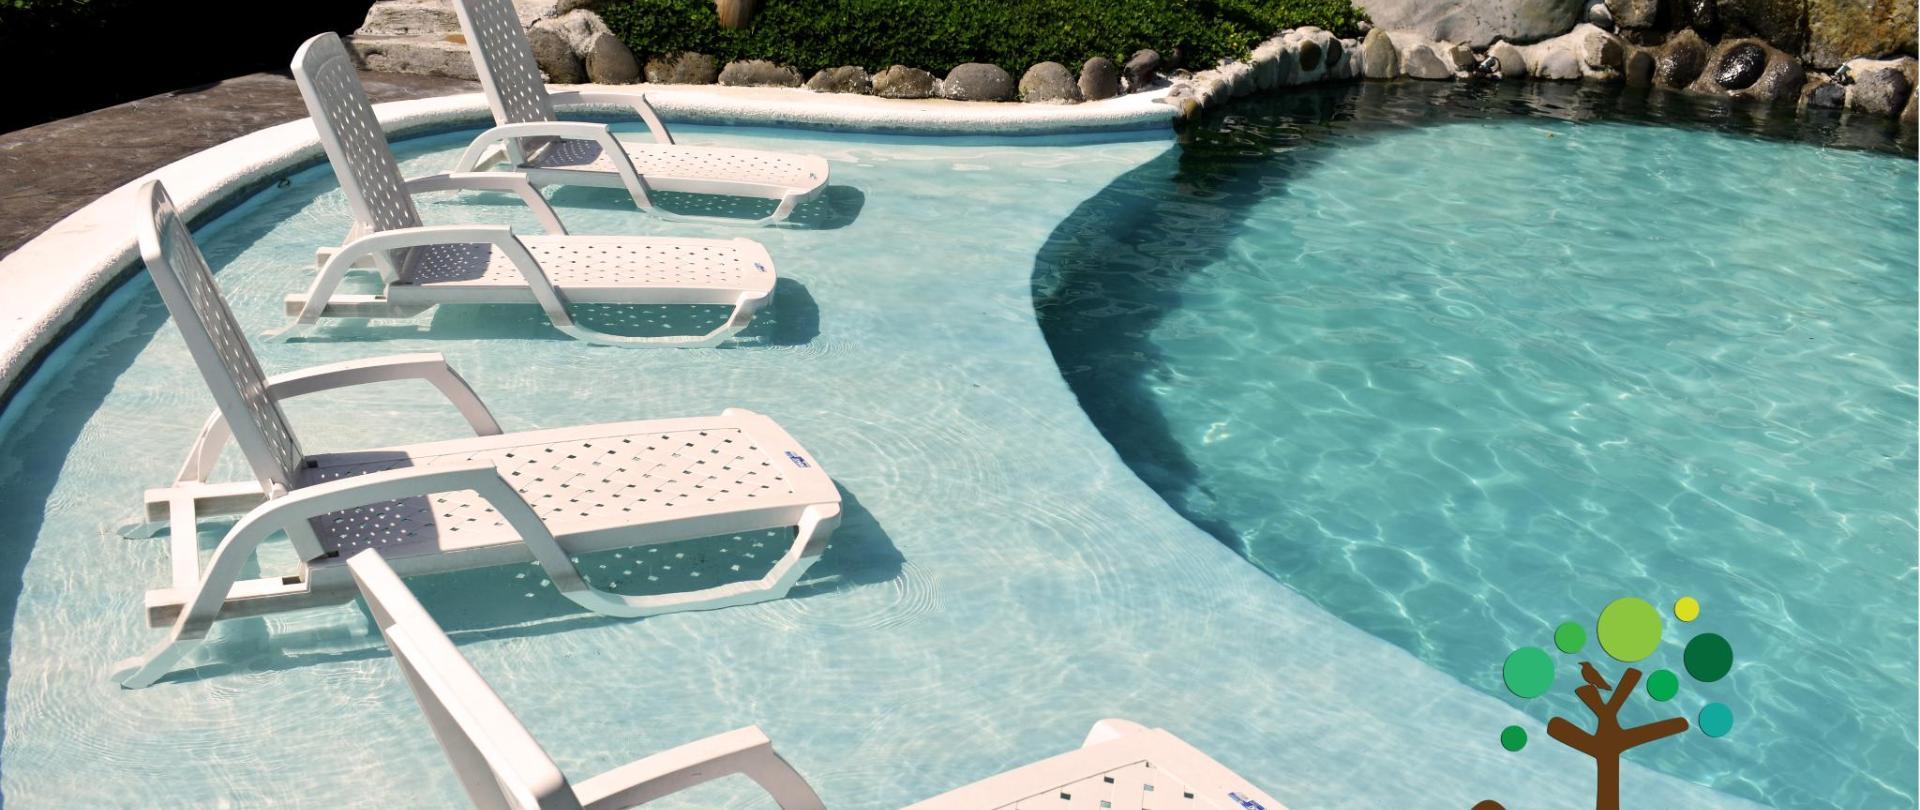 piscina sillas.con logo.jpg